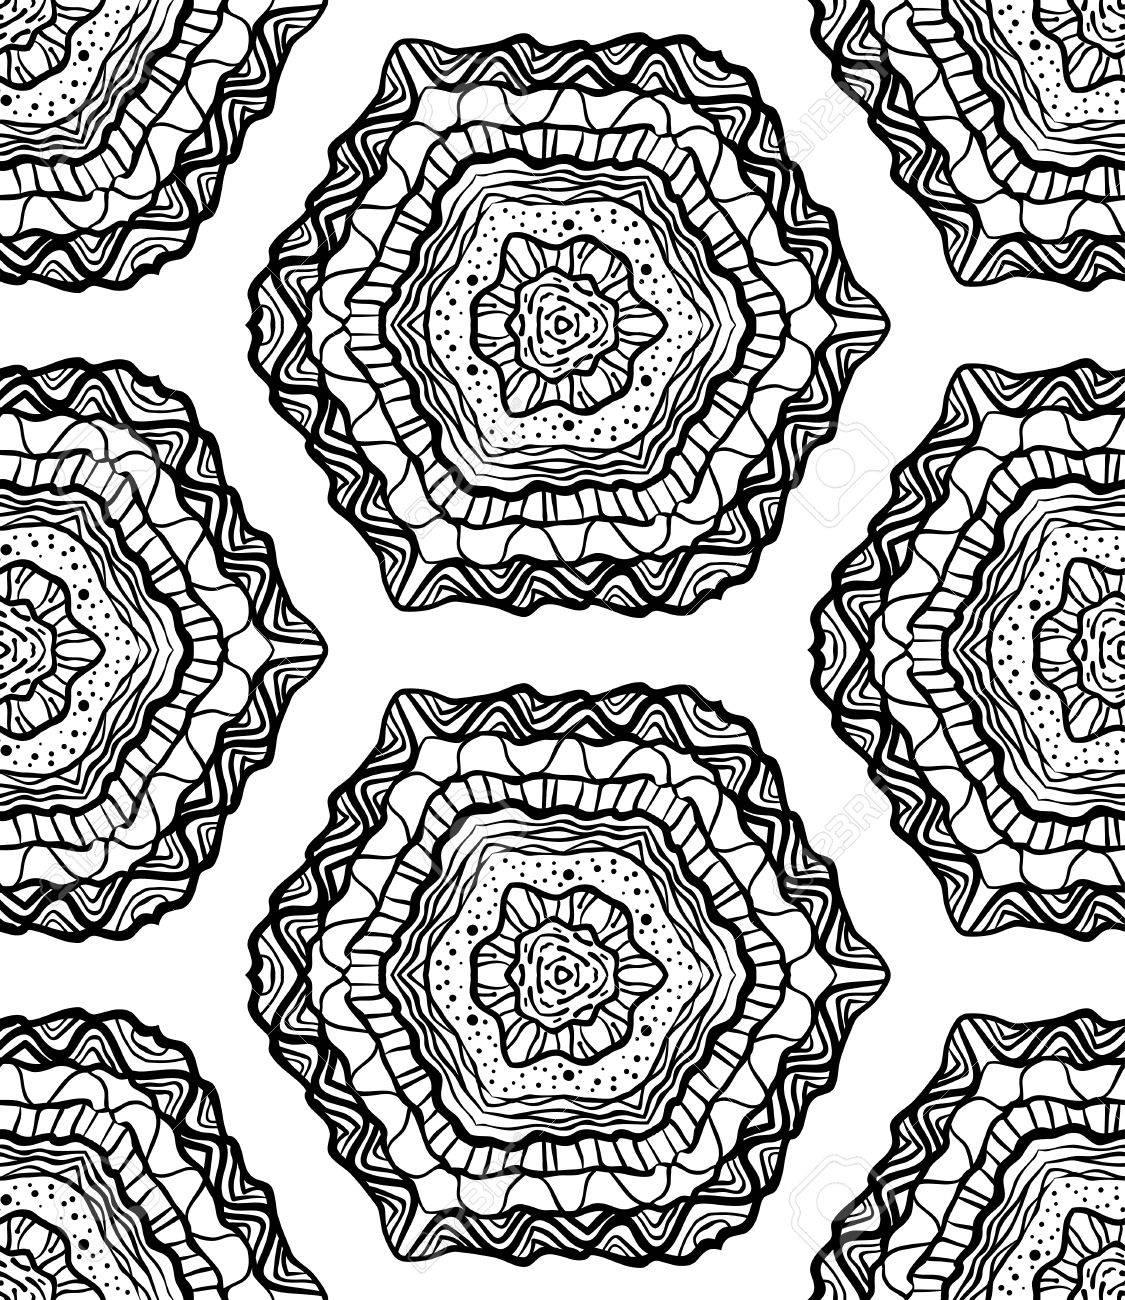 Nahtlose Handgezeichnete Abstrakte Muster Blumenhintergrund Vector